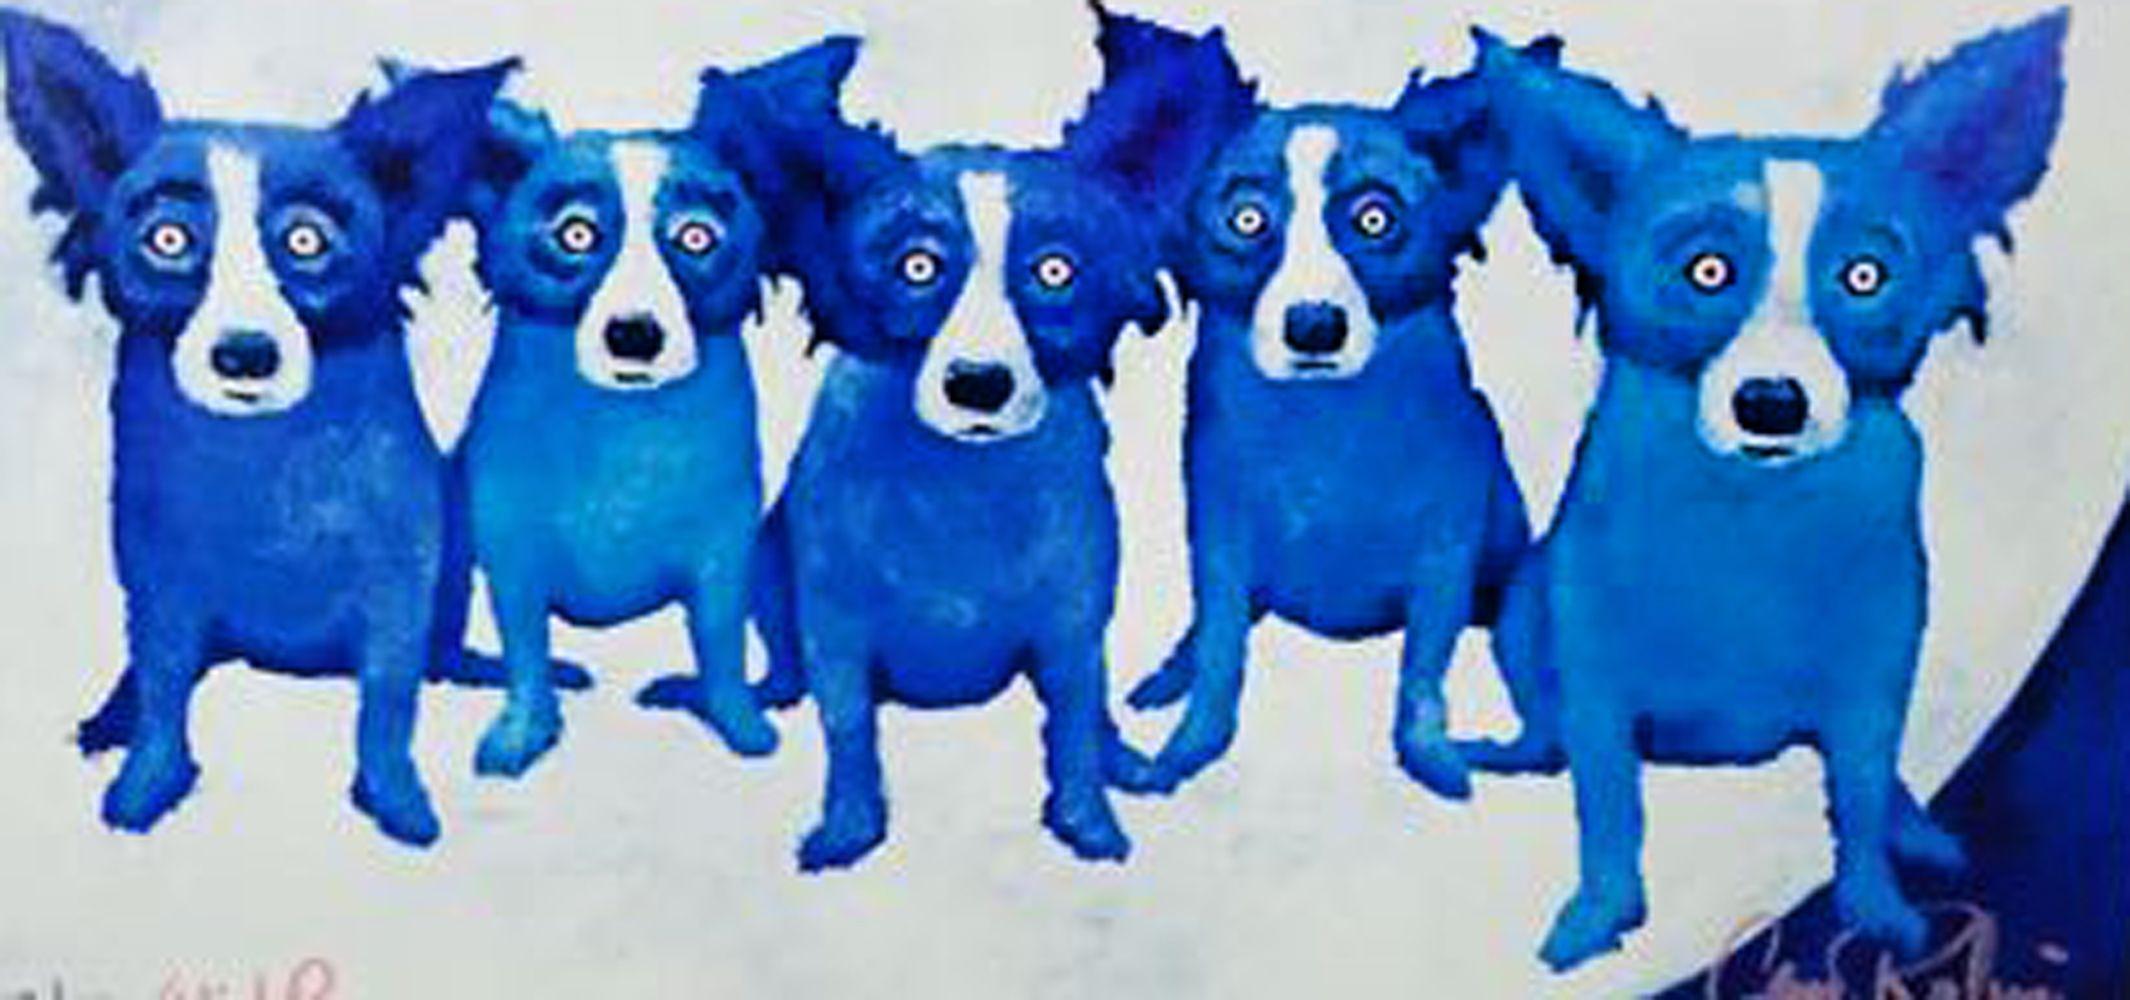 Blue dog rodrigue art for sale blue dog art blue